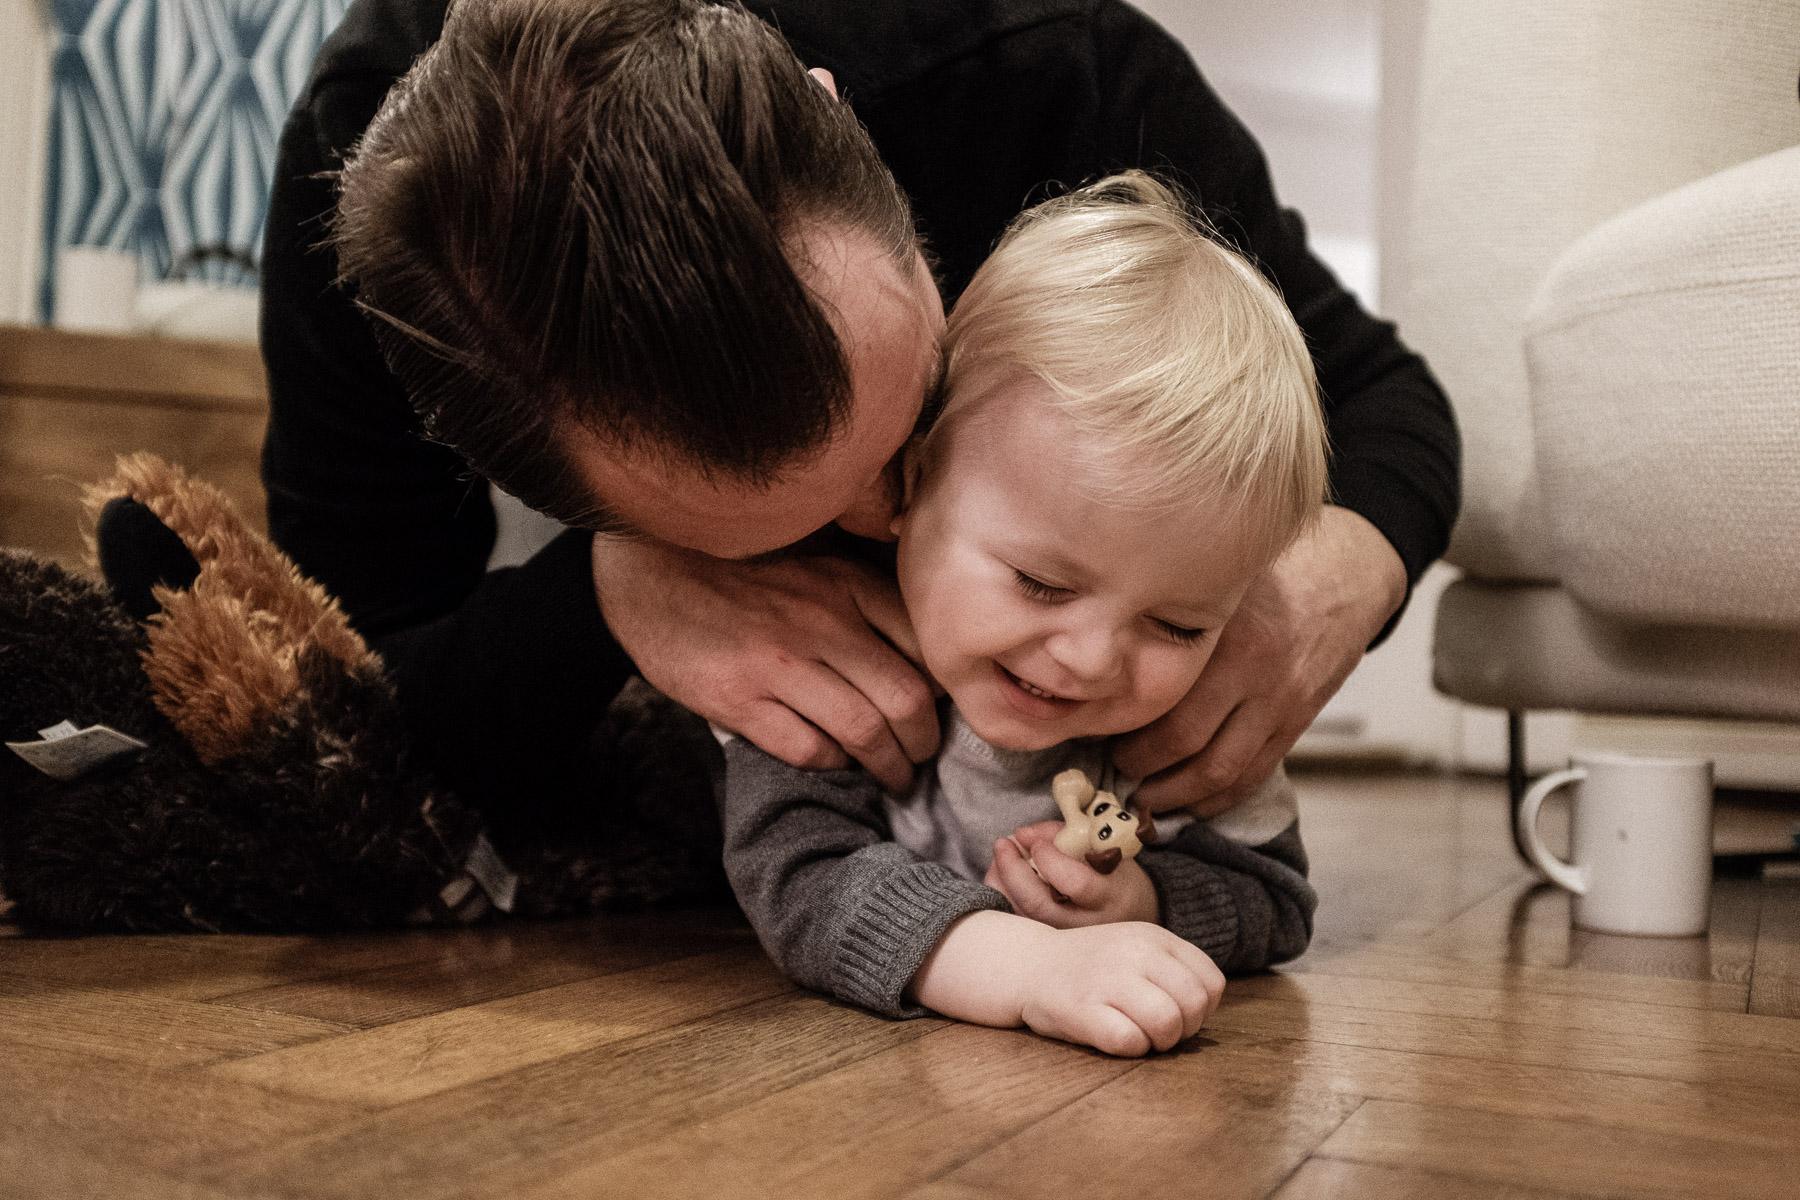 Martin_Liebl_Kein_Familienfotograf_BK_Portfolio_09.jpg